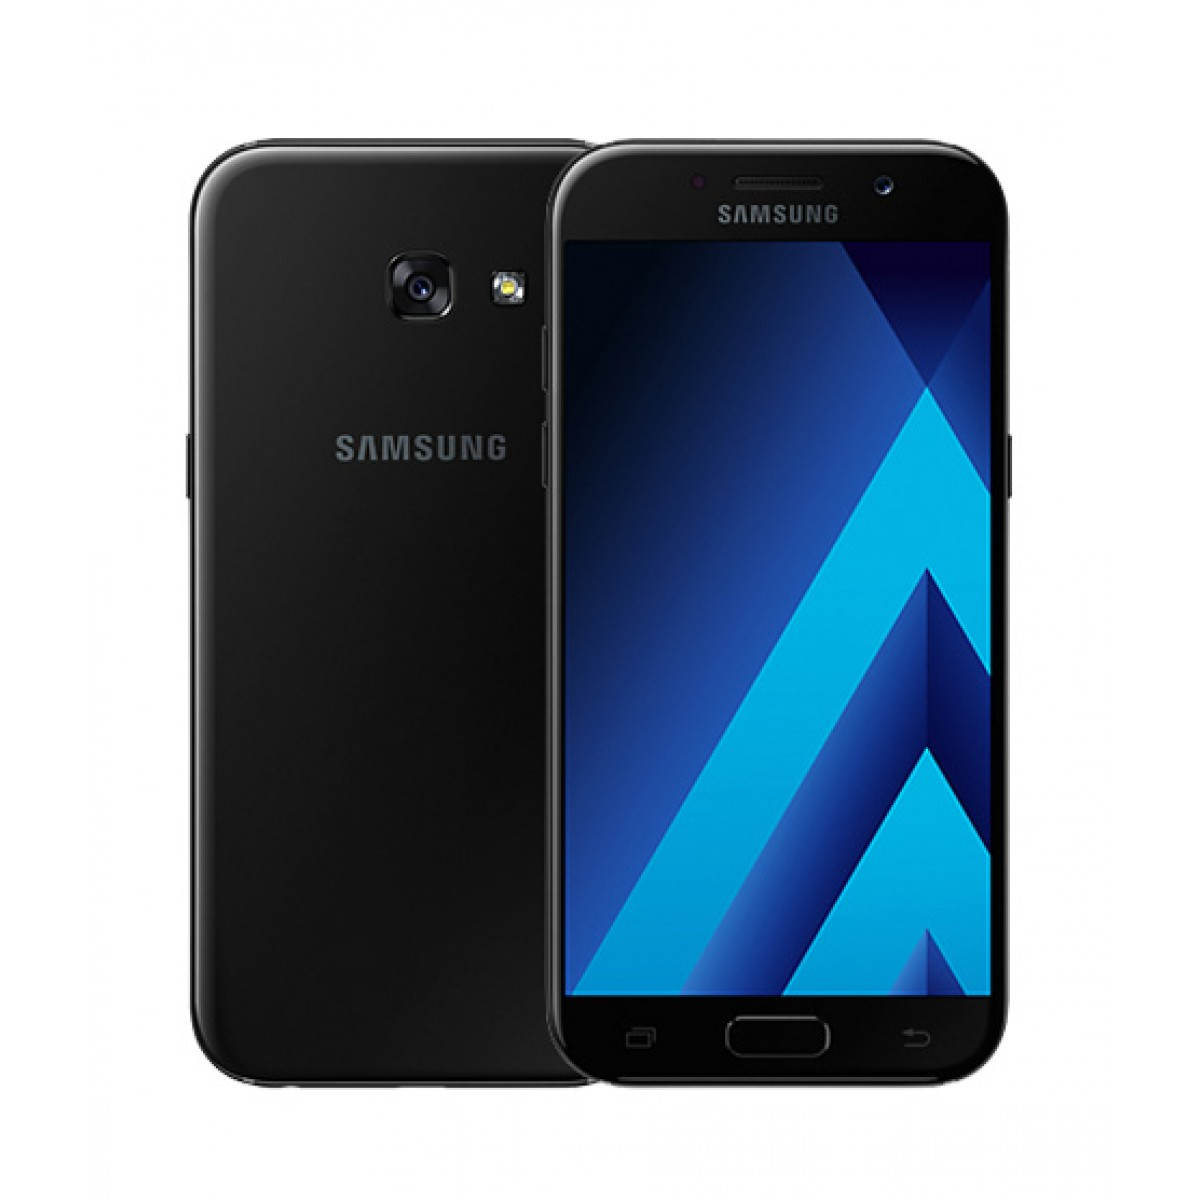 official photos 301dd 24fb5 Samsung Galaxy A5 2017 32GB Dual Sim Black Sky (A520FD)